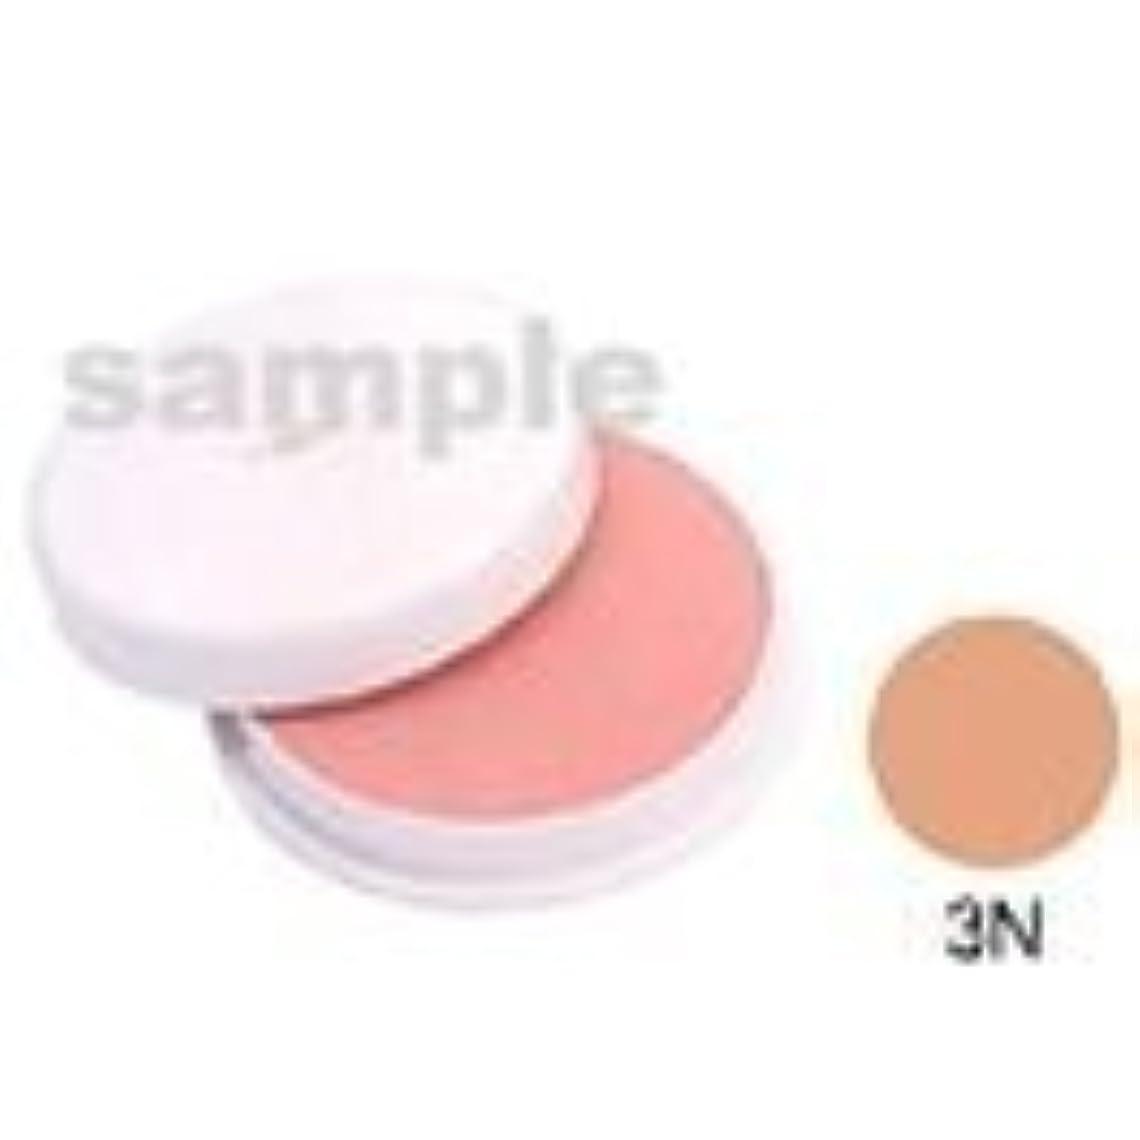 スペイン属性試用三善 フェースケーキ 3N